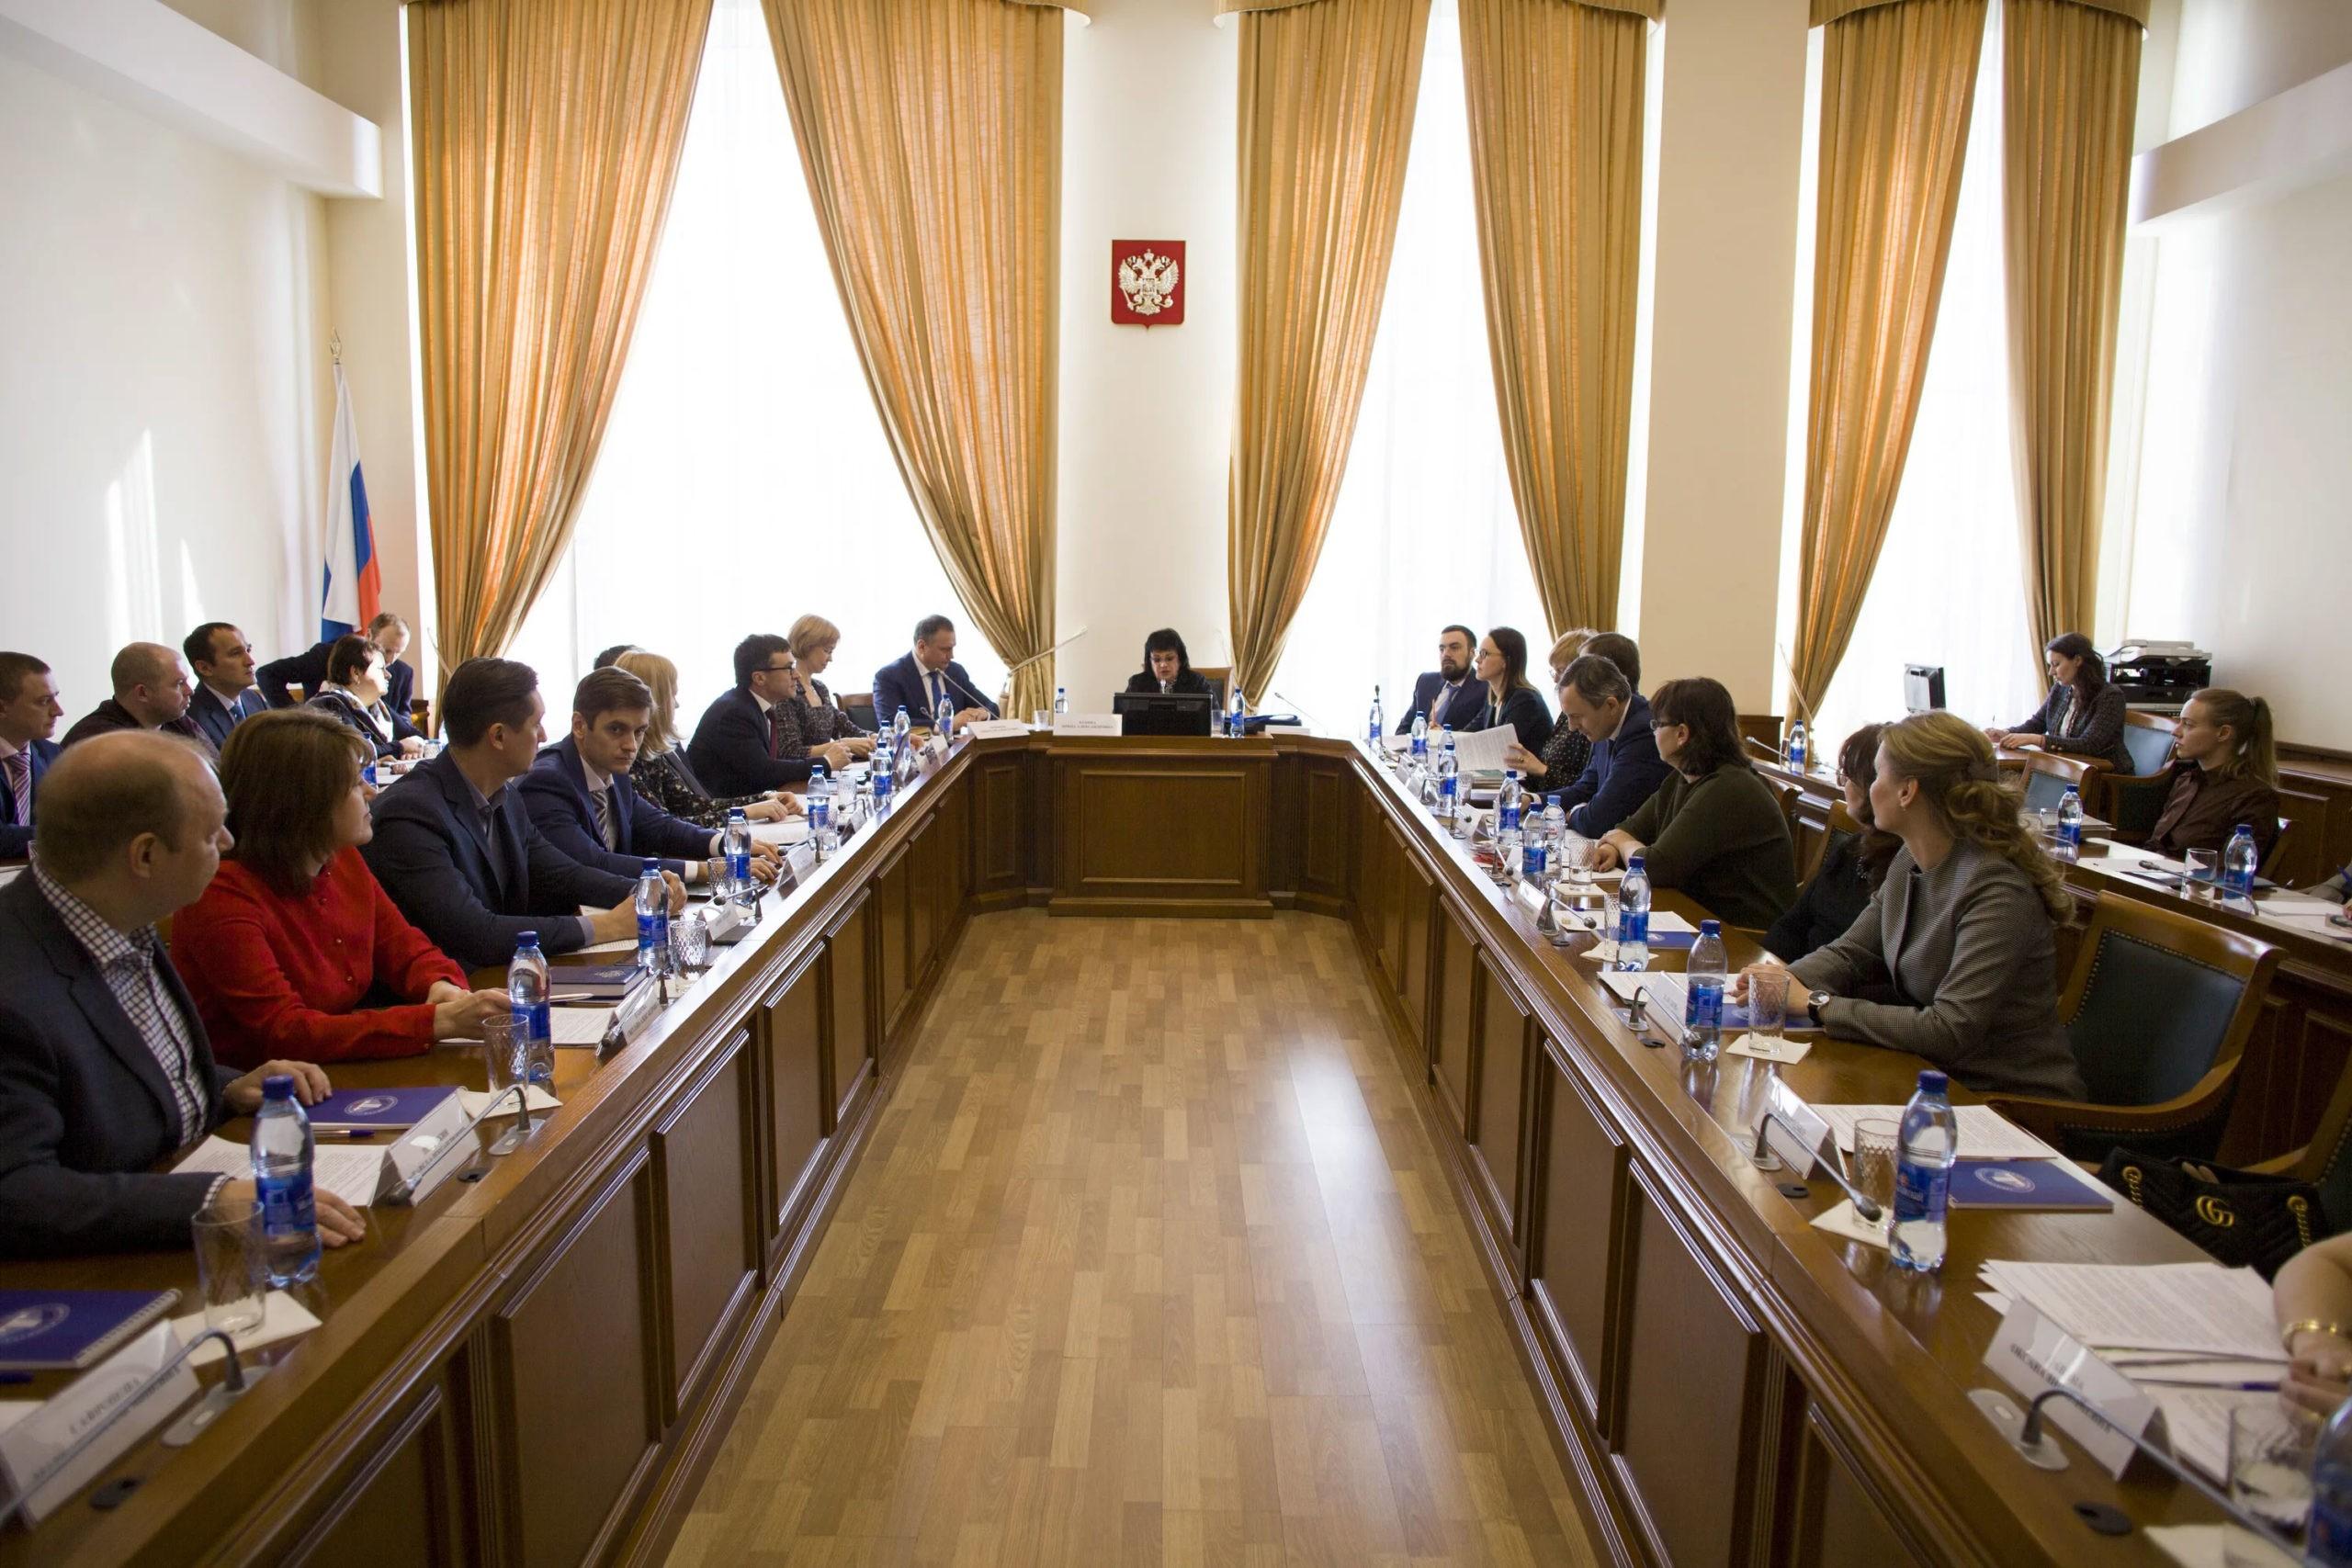 Арбитражные суды в Российской Федерации